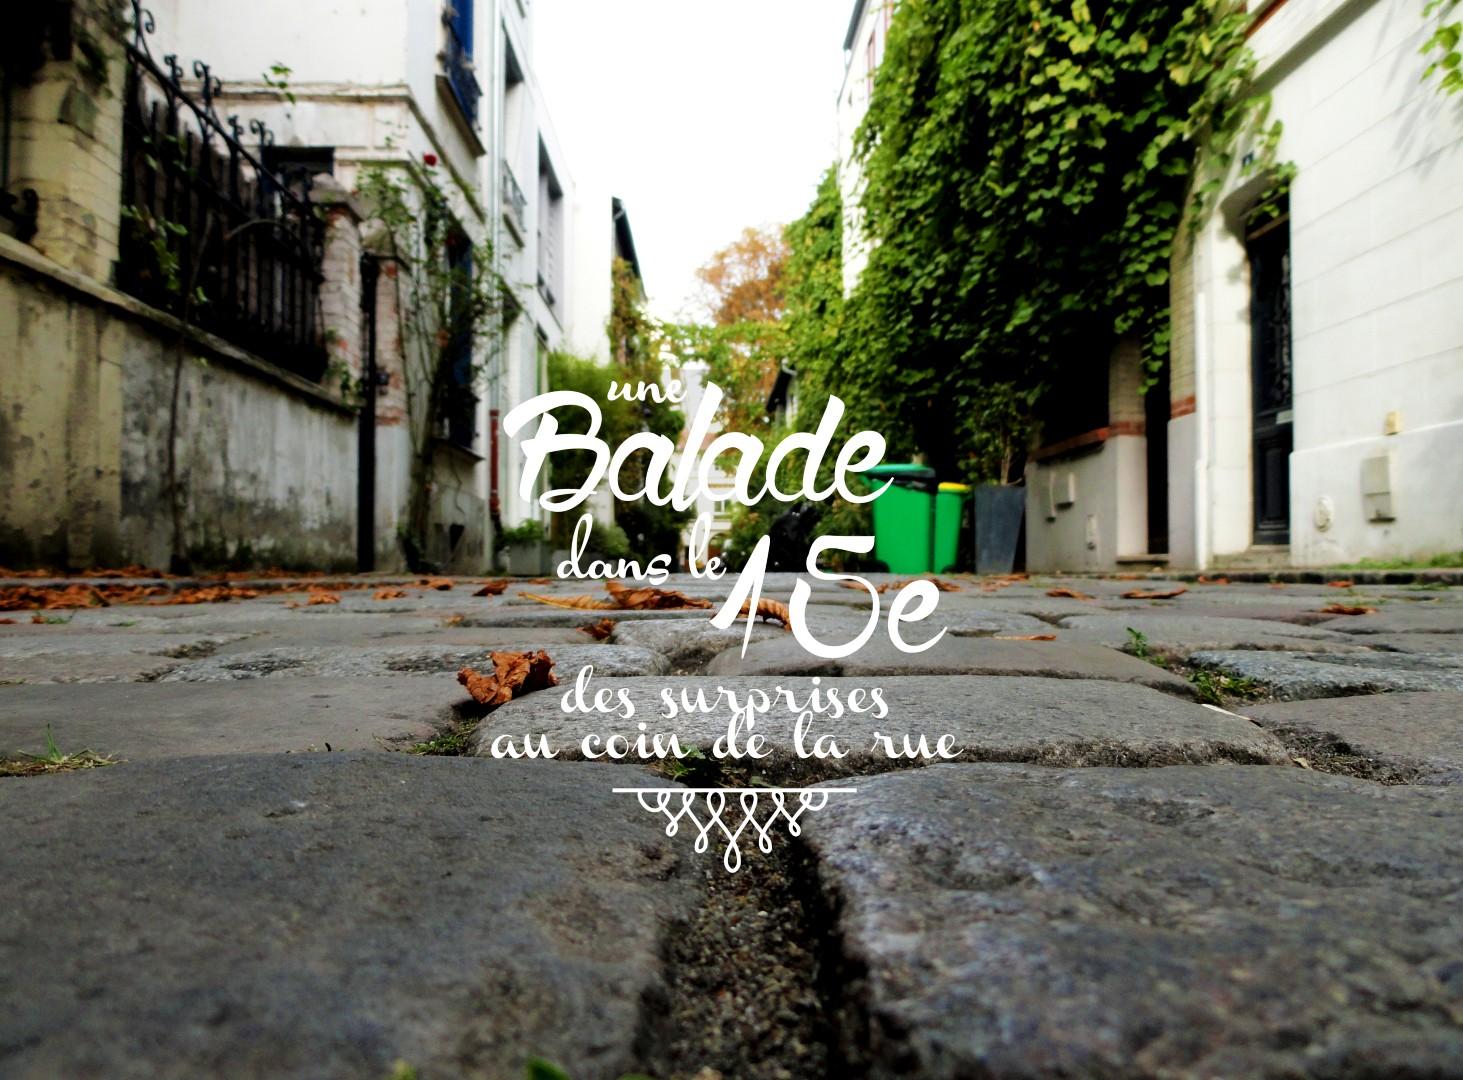 Balade dans le 15e - Vaugirard, Parc Georges Brassens, Petite Ceinture